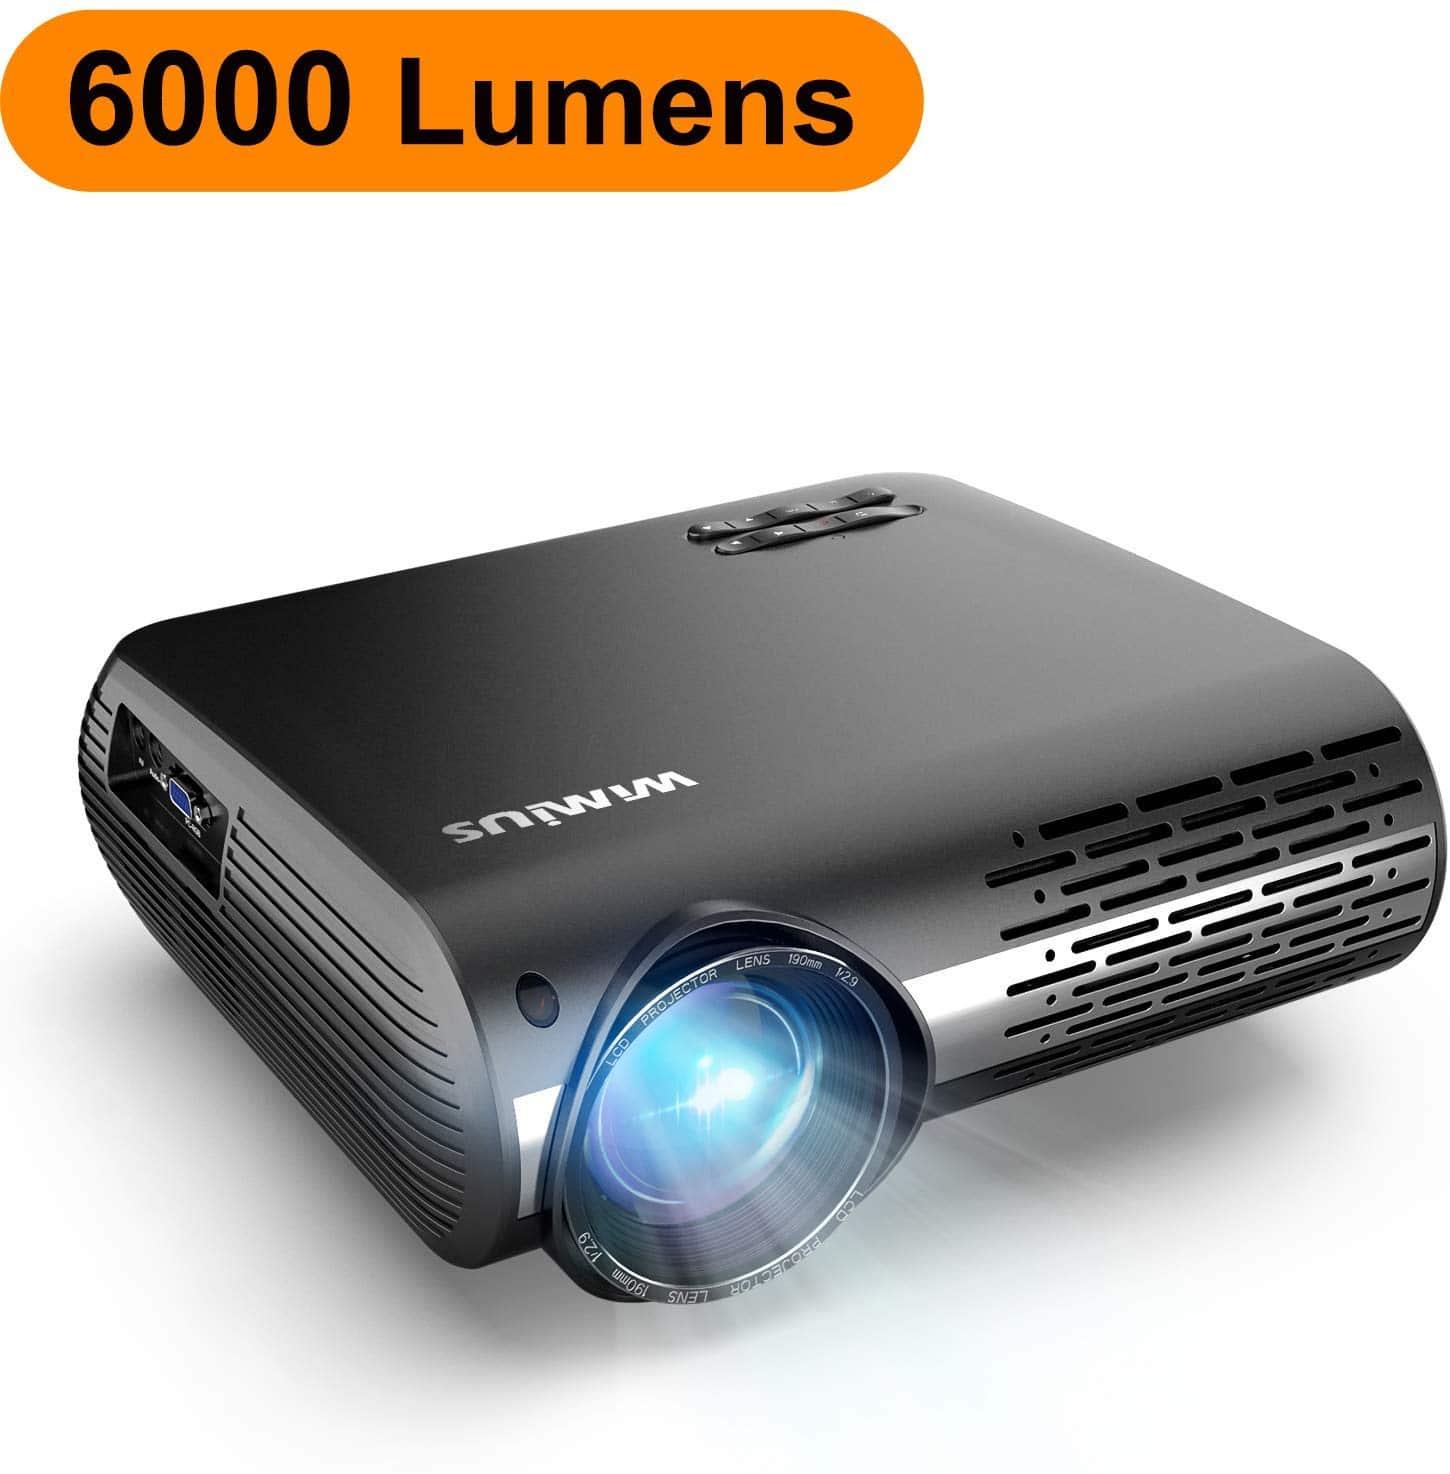 Comment Choisir Un Vidéoprojecteur avis wimius 6200 lumens : test du vidéoprojecteur full hd